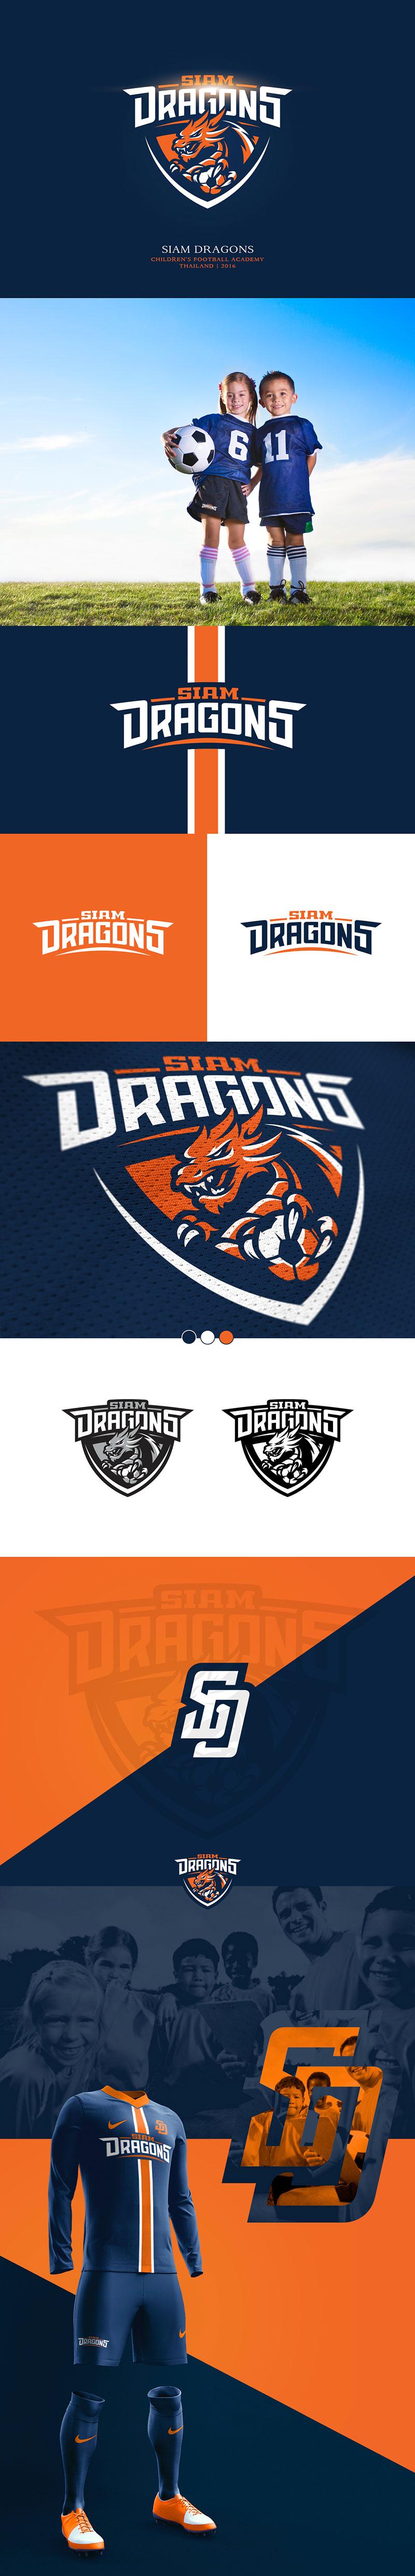 Diseños de marca de clubes de fútbol: Siam Dragons - Academia de fútbol infantil por Yury Orlov